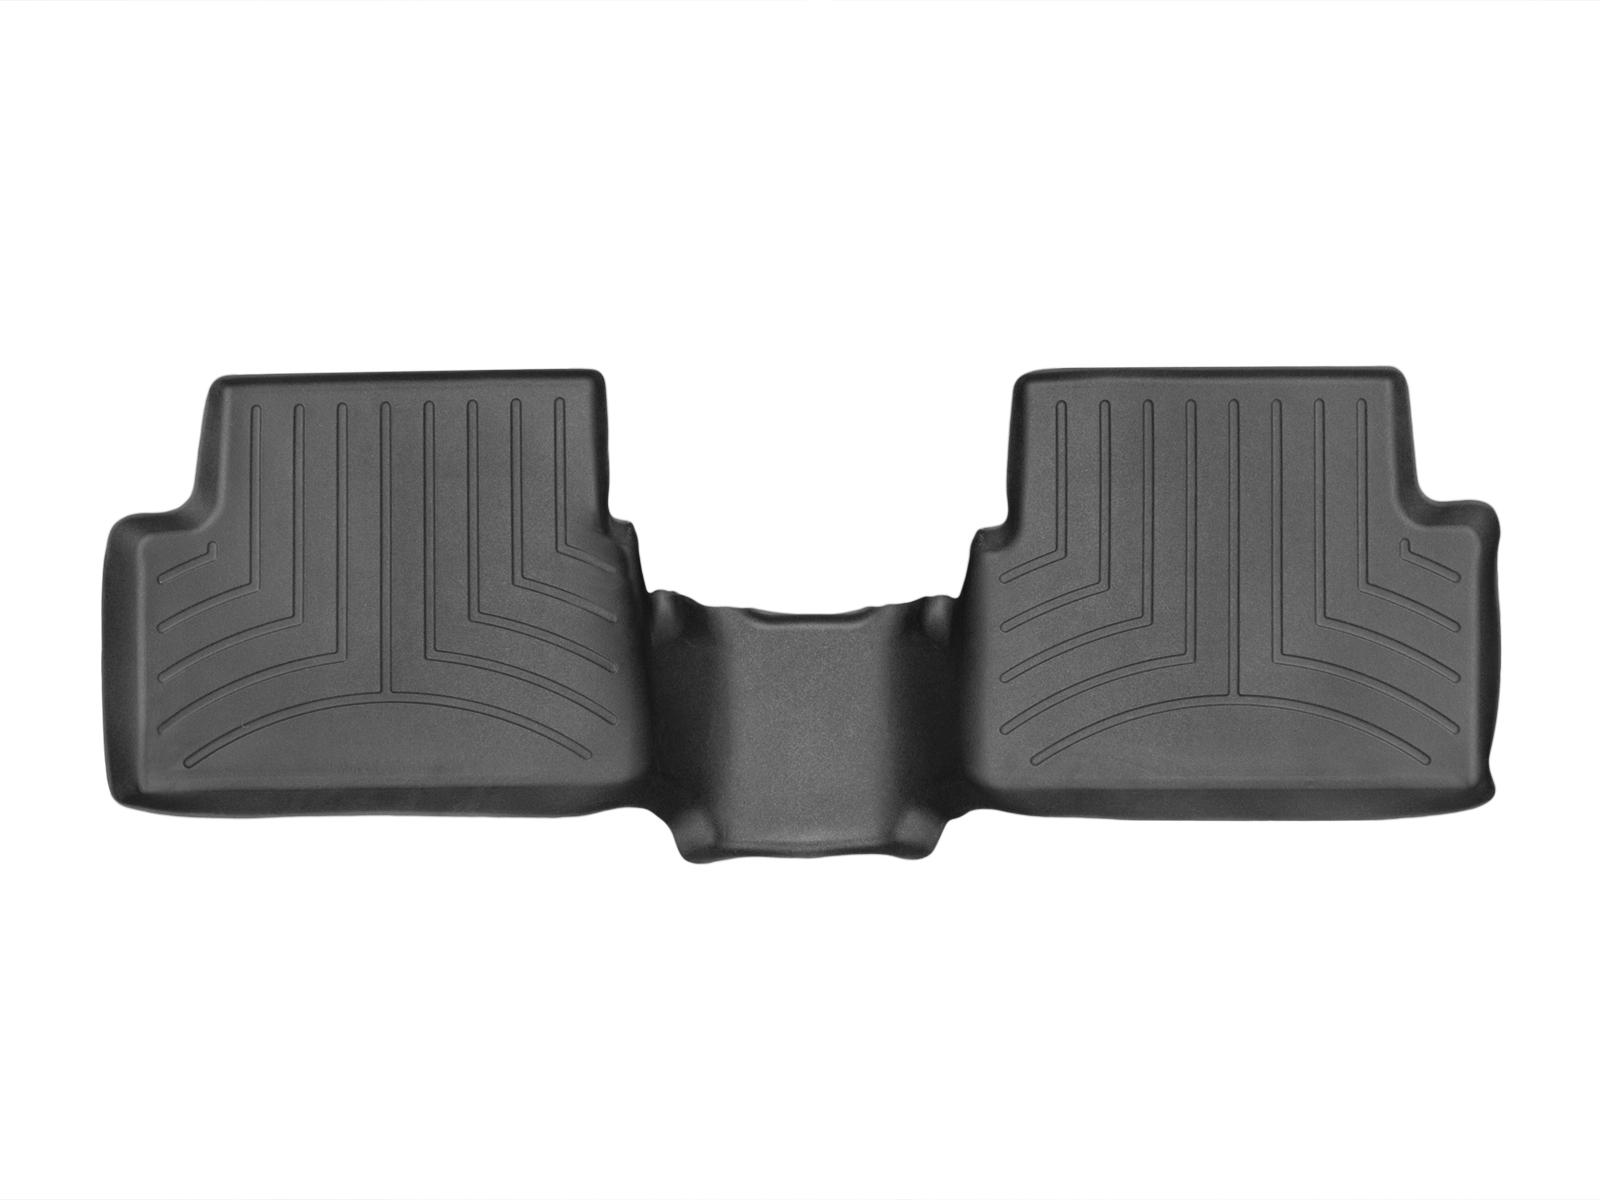 Tappeti gomma su misura bordo alto Opel Astra 10>14 Nero A2967